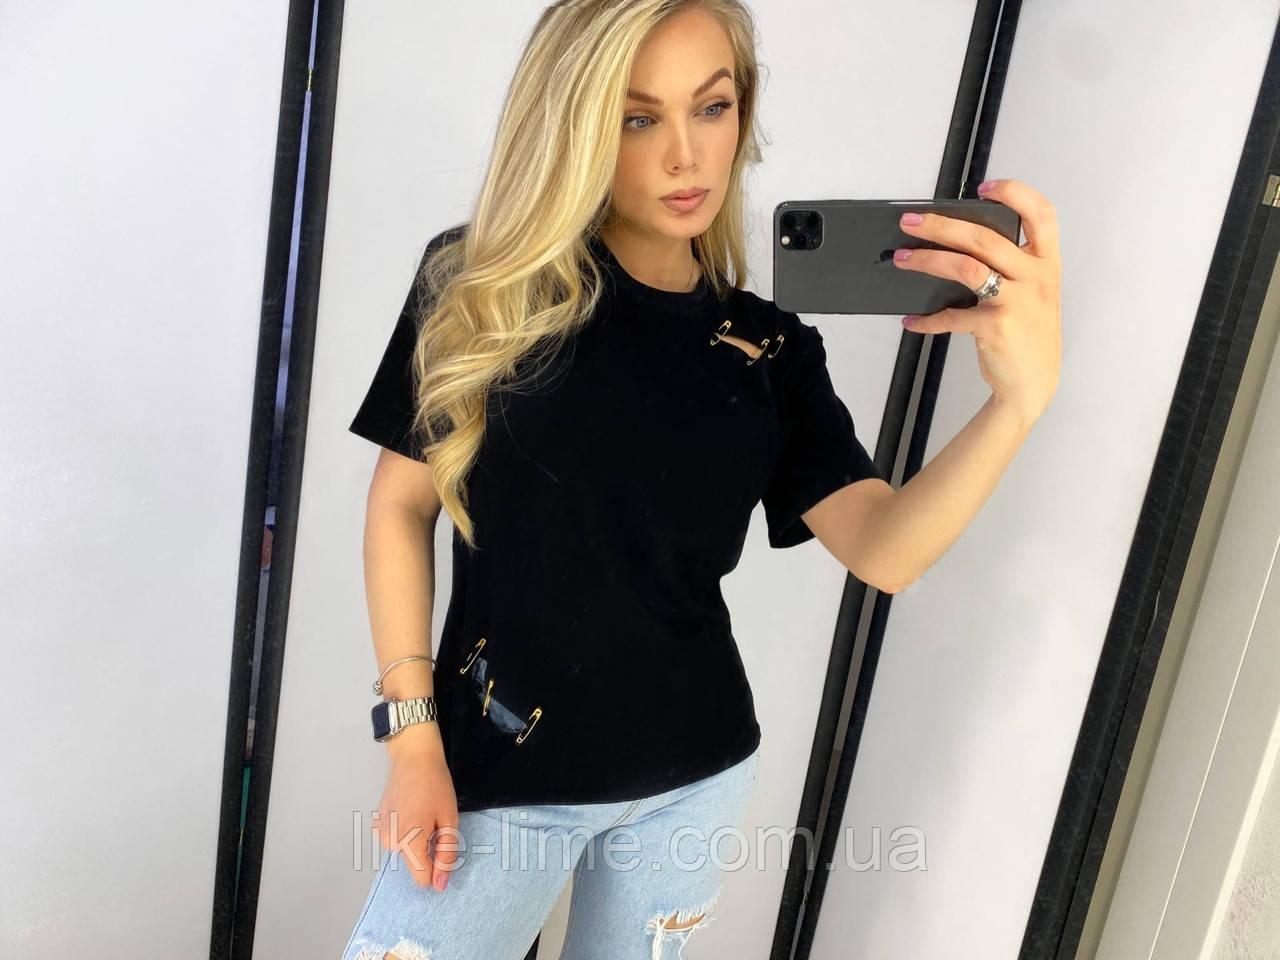 Женская футболка с булавками